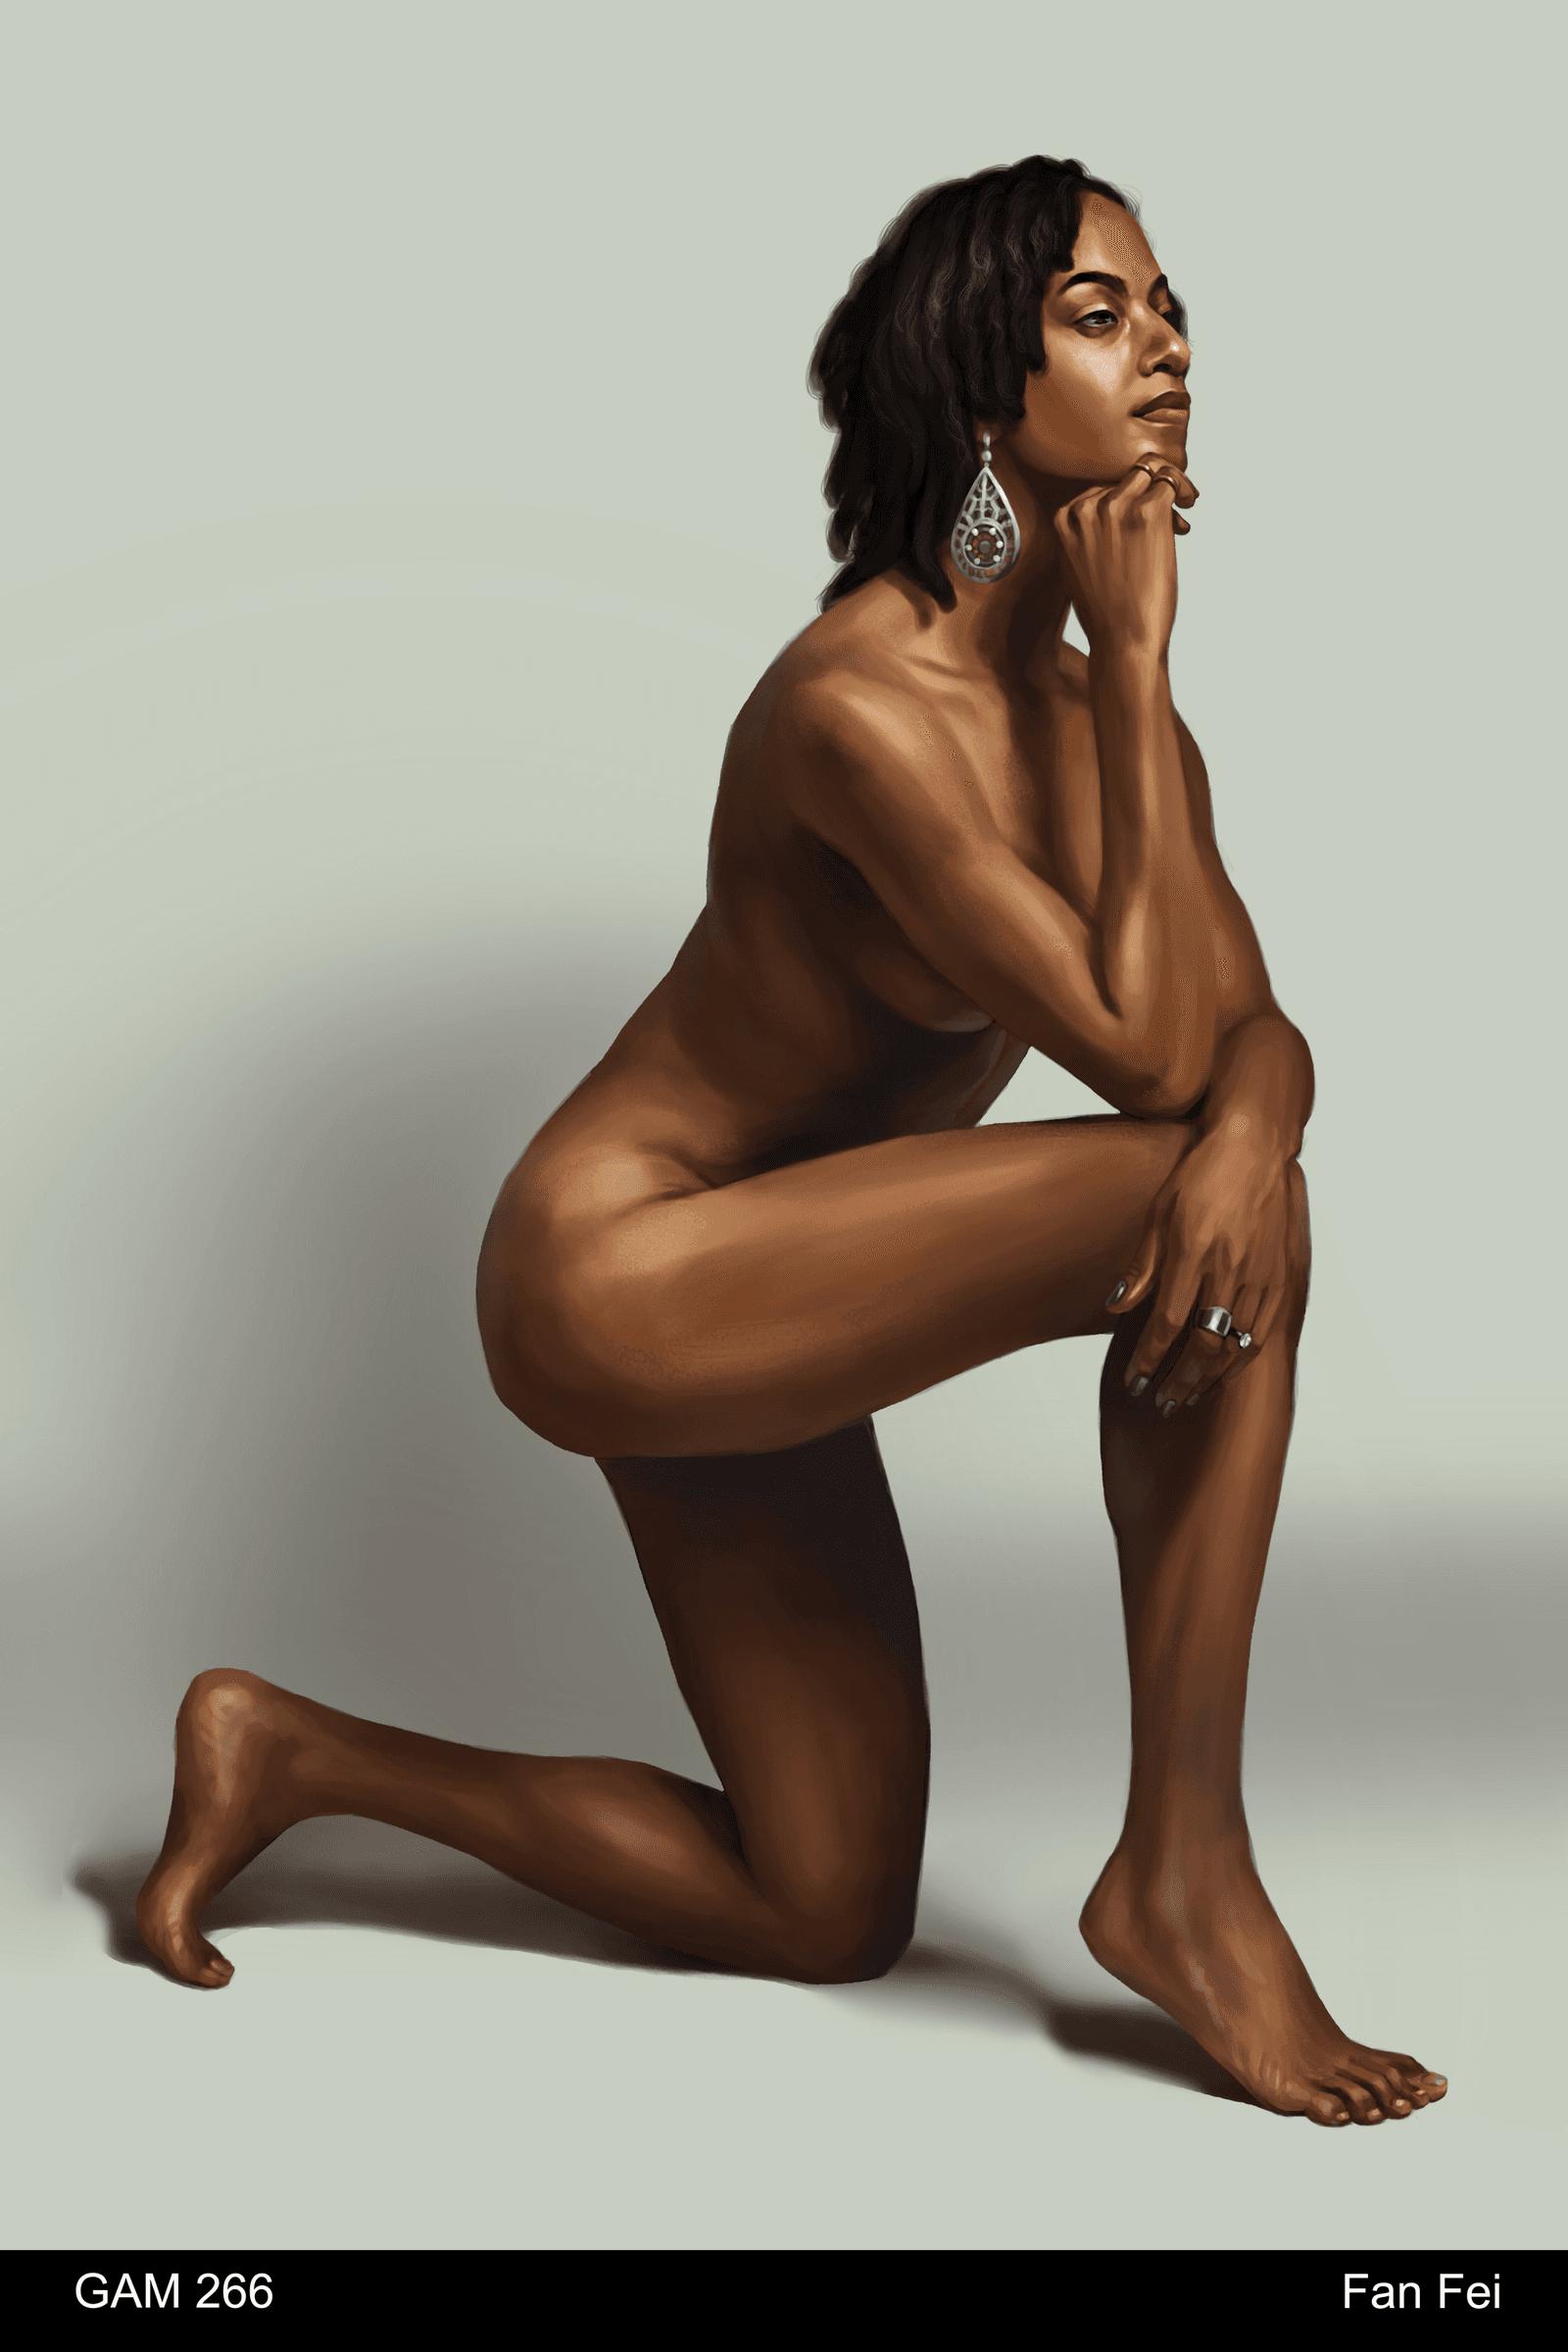 Nude Figure Painting